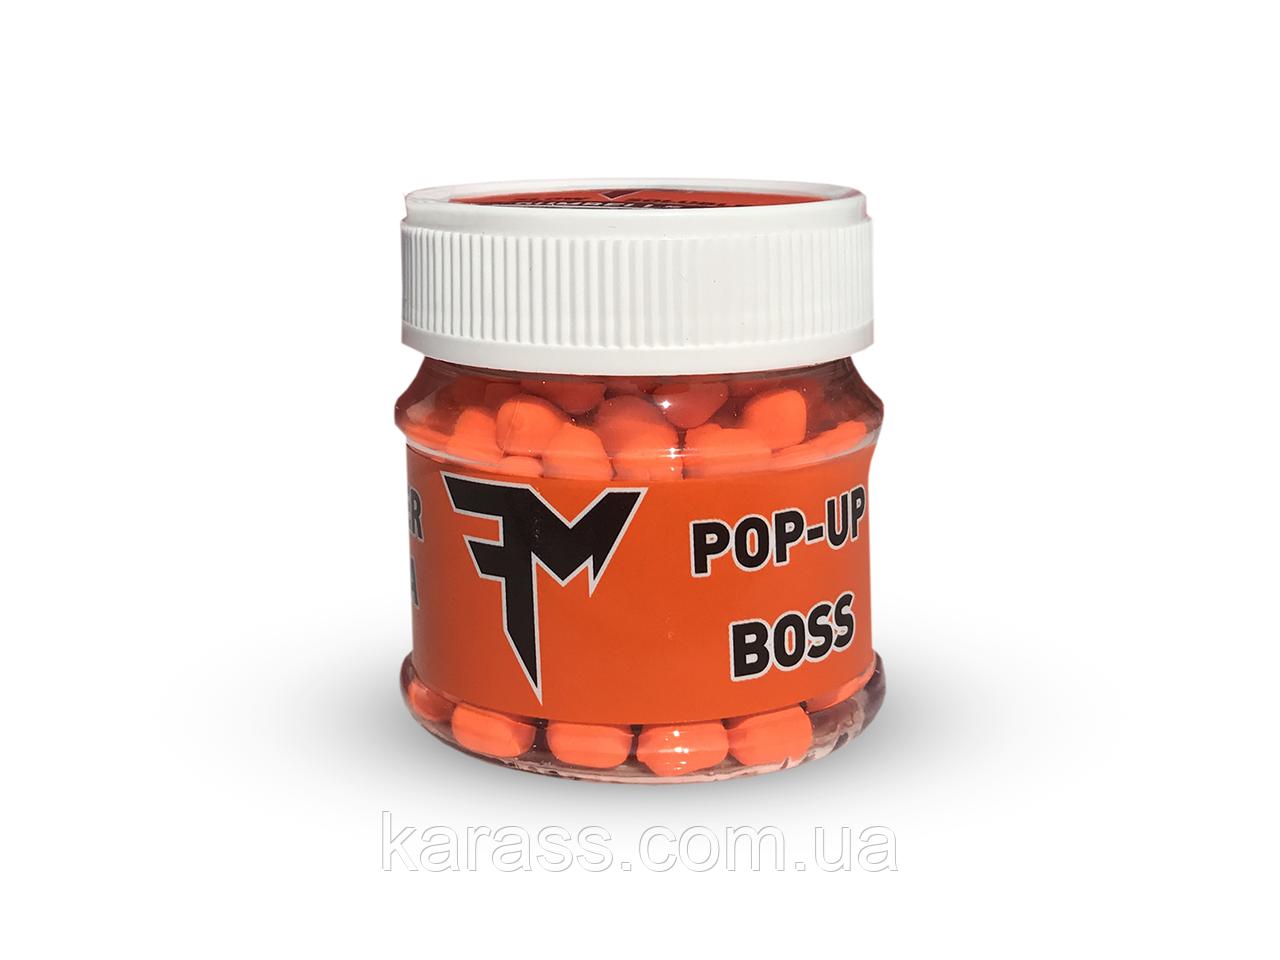 FEEDERMANIA POP-UP DUMBELLS 10mm BOSS